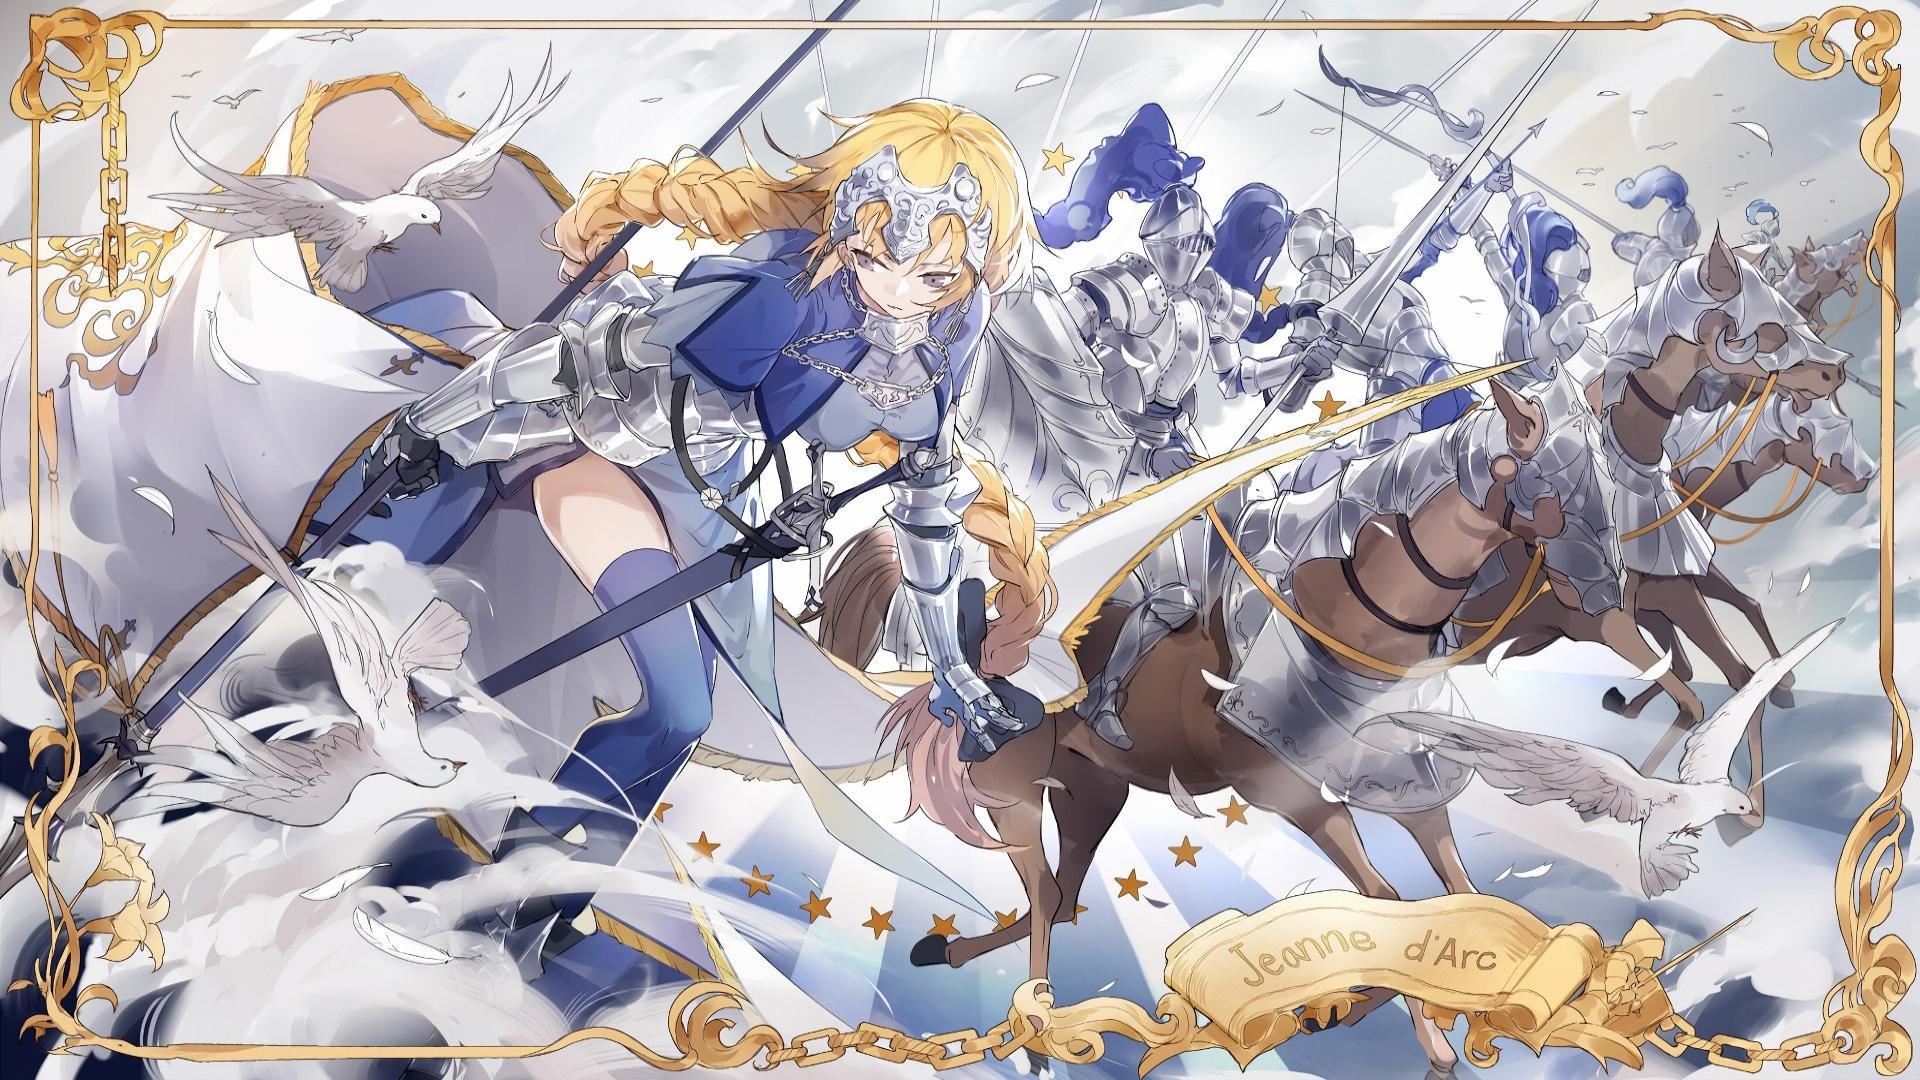 Download Full Hd 1080p Fate Grand Order Pc Wallpaper Fate Grand Order Wallpaper 1080p 1920x1080 Download Hd Wallpaper Wallpapertip